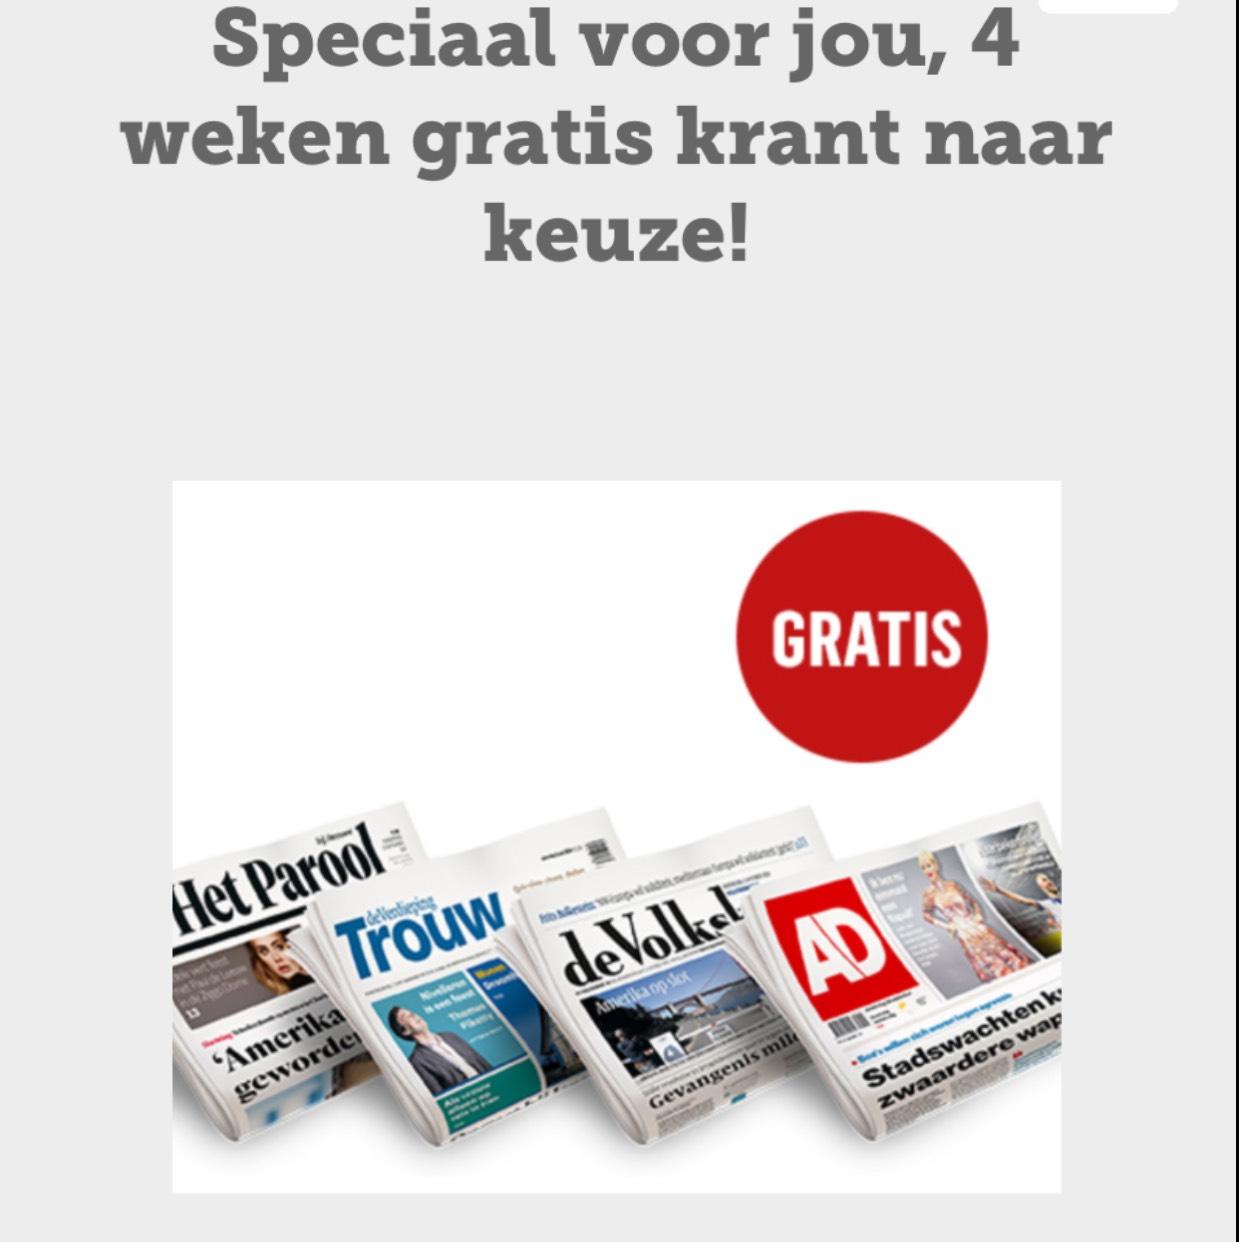 Vier weken gratis de krant naar keuze @ McDonald's